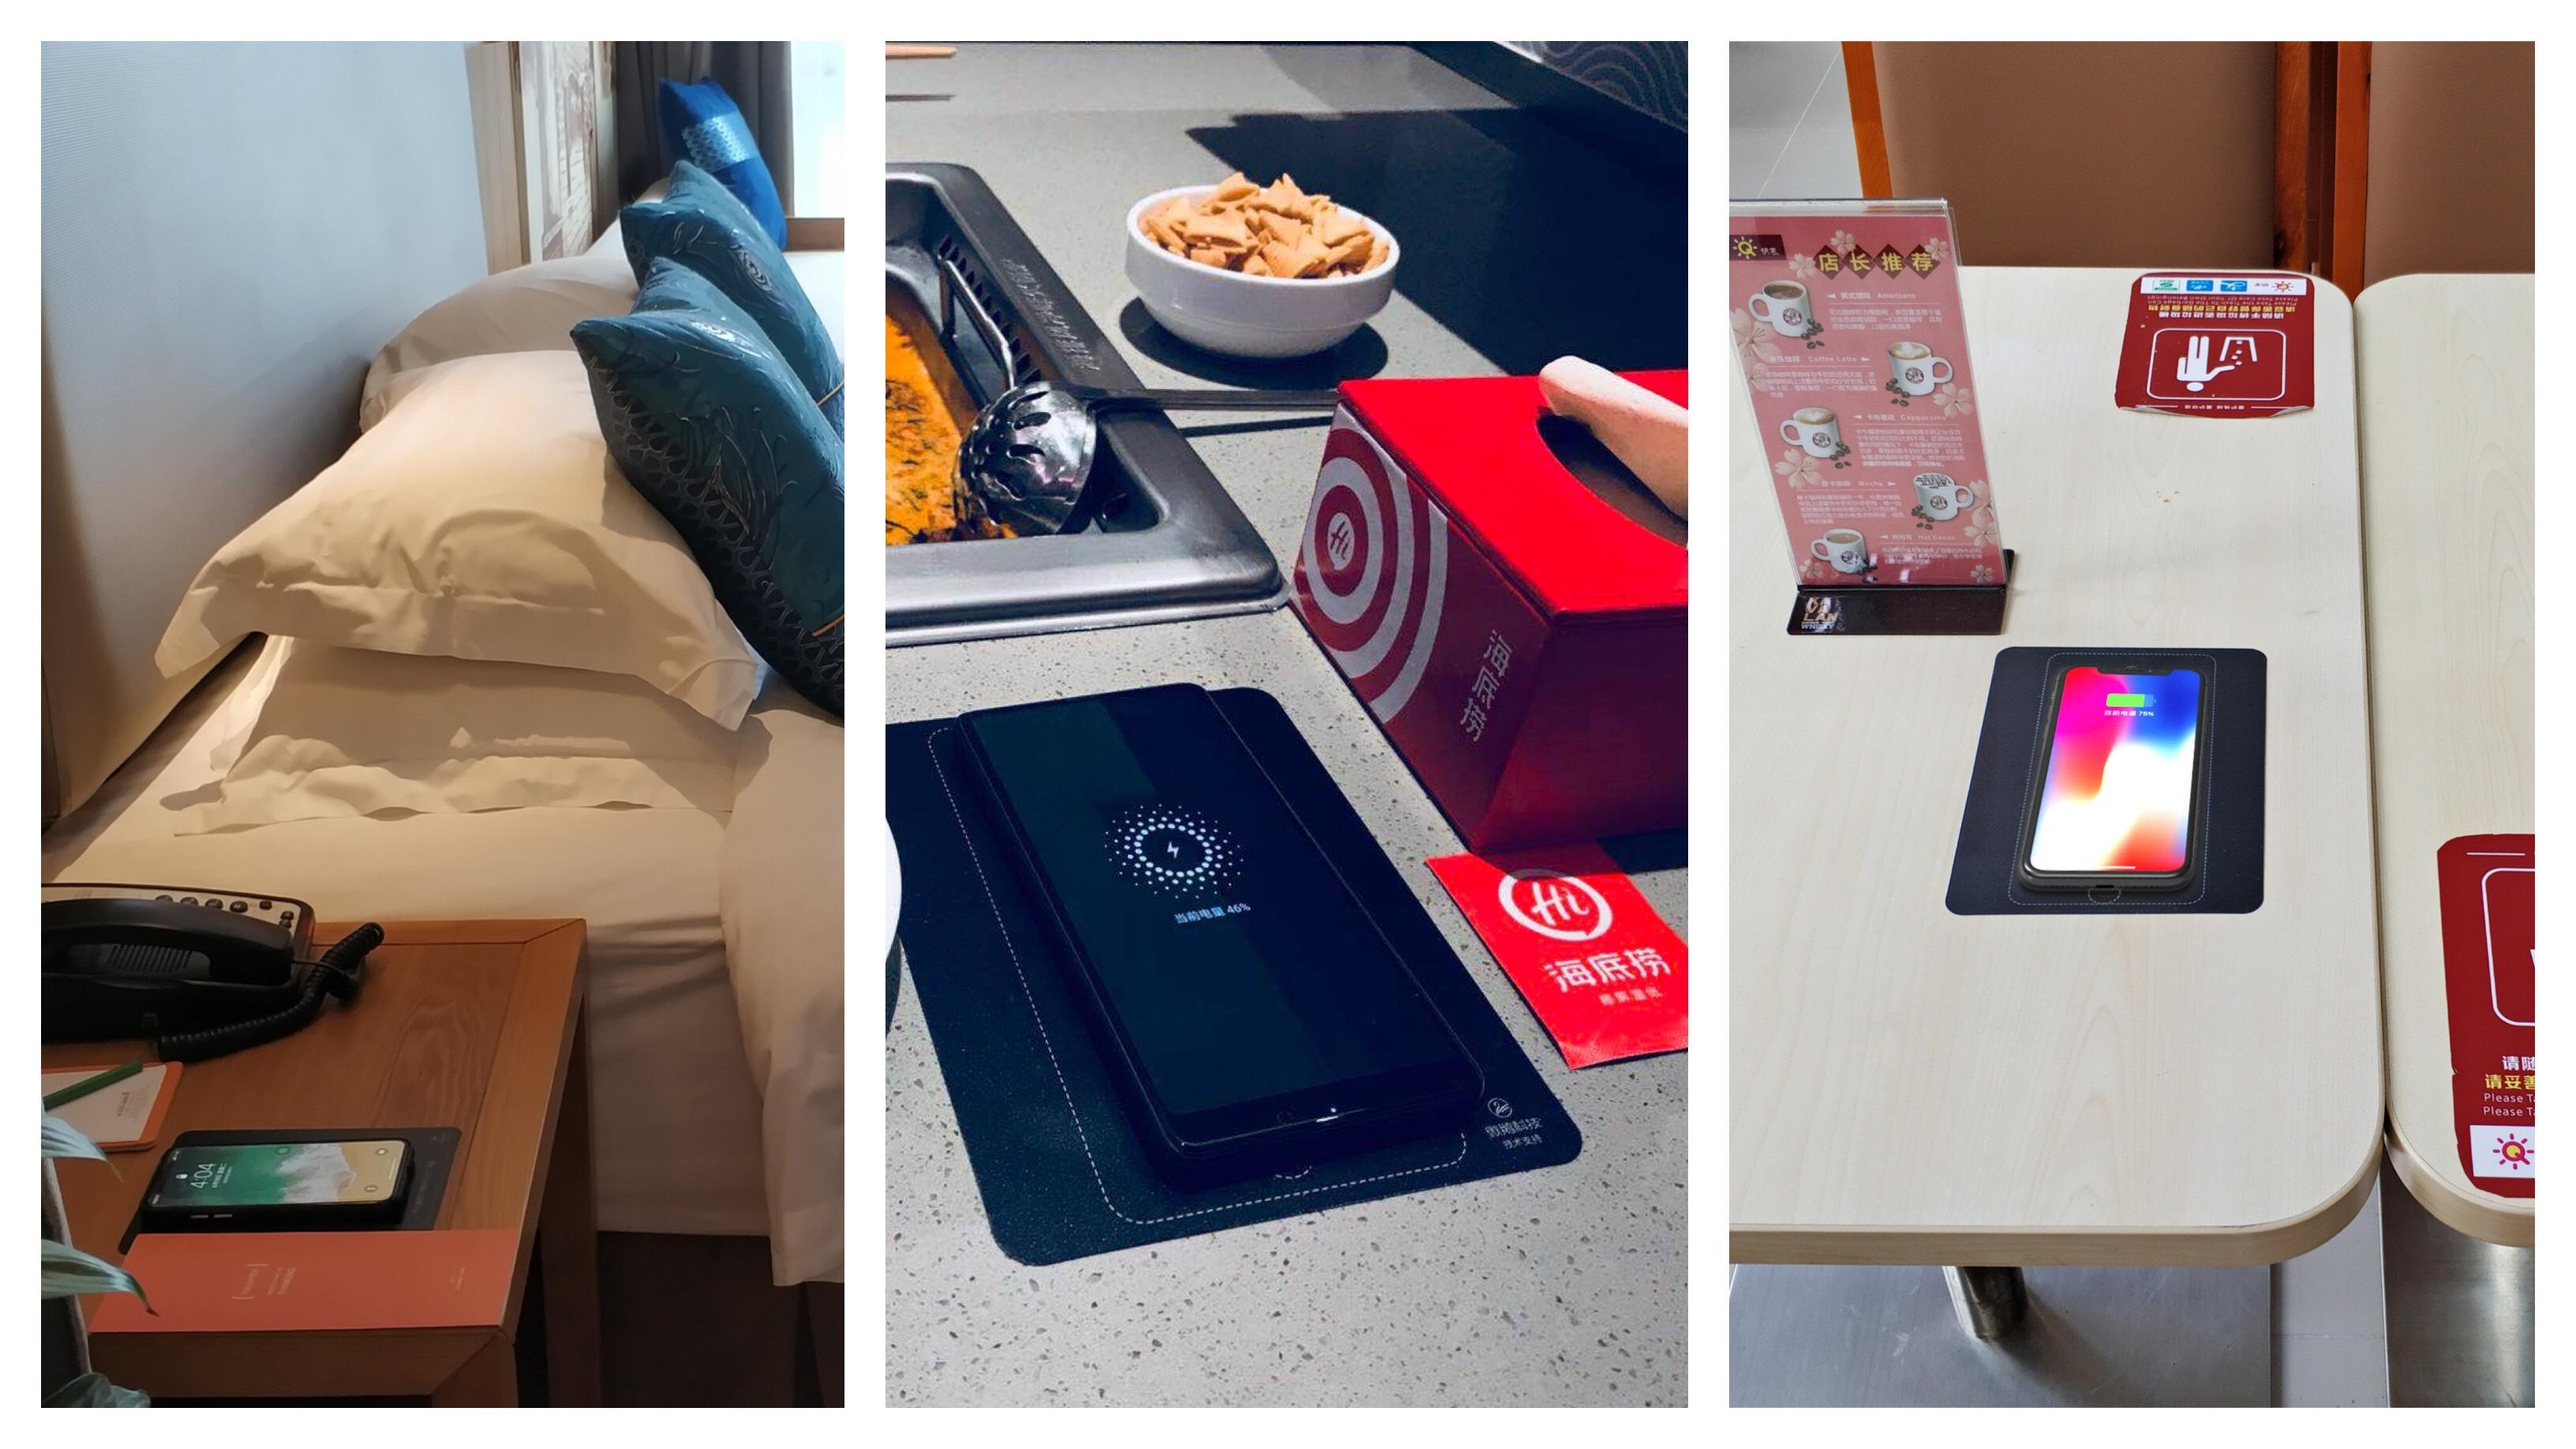 盘点即将强势来袭的无线充电功能旗舰机,哪款会是你的菜 !